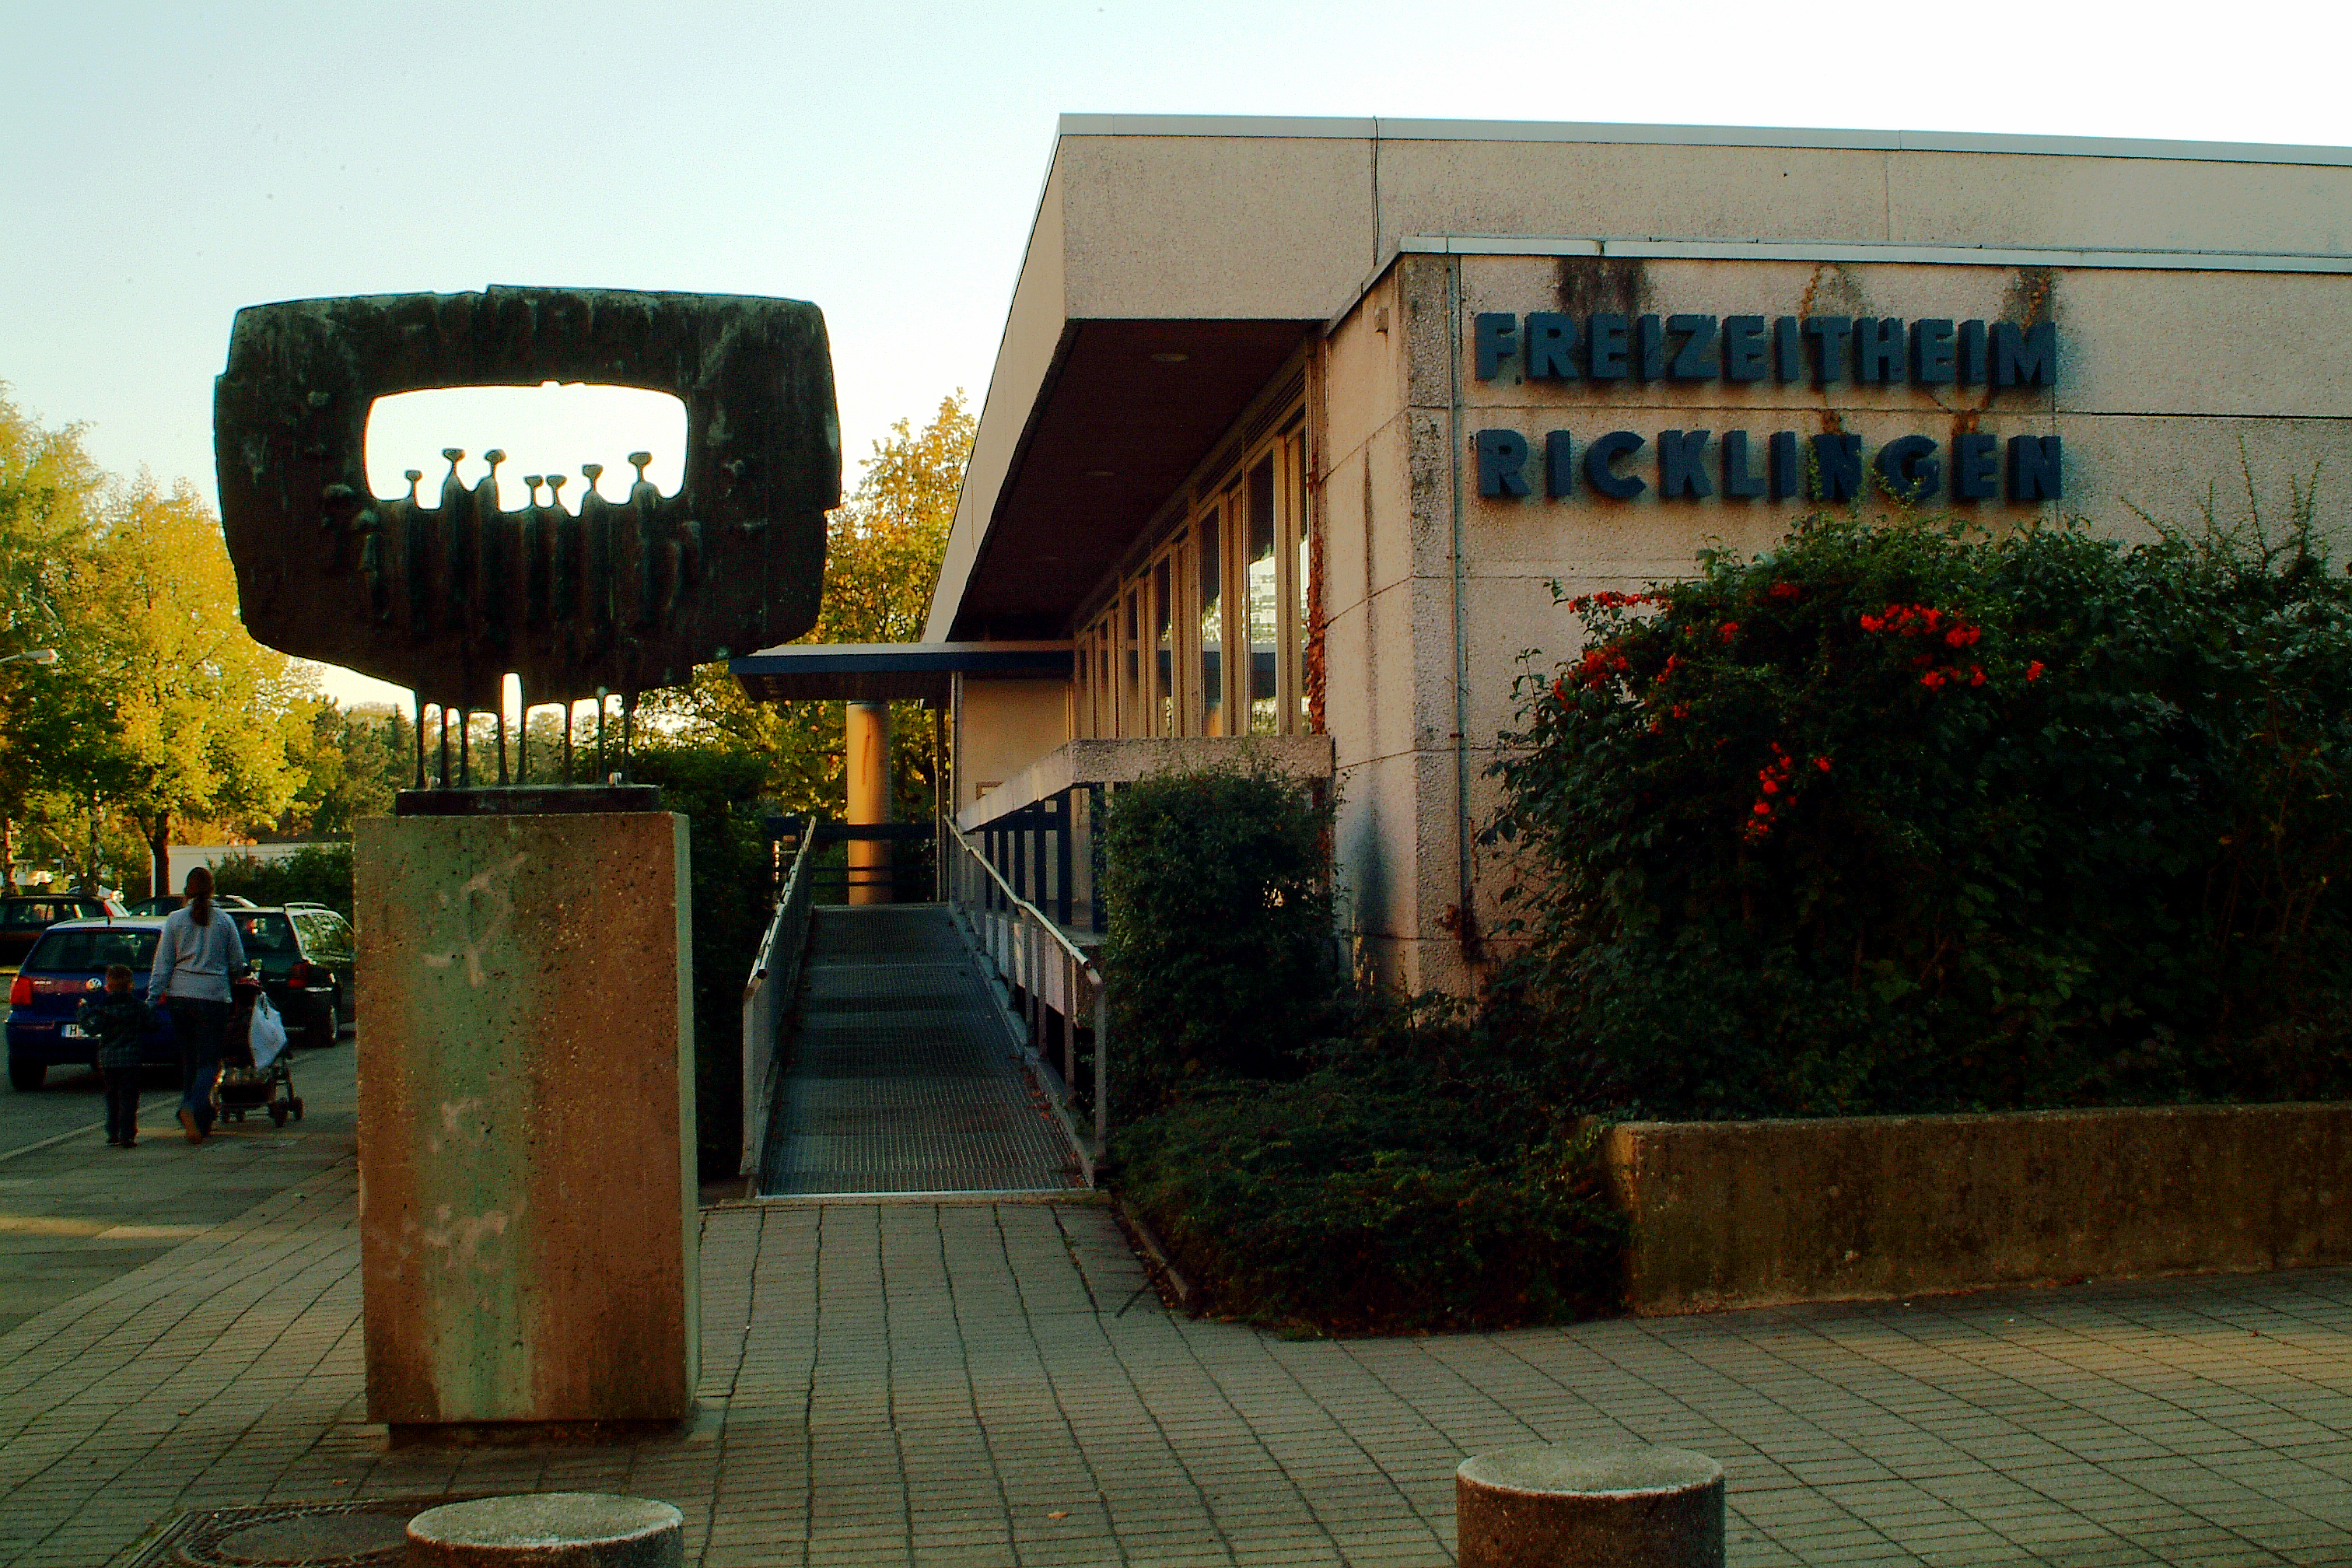 Datei:Freizeitheim Ricklingen Hannover Fritz Koenig Große gerahmte ...